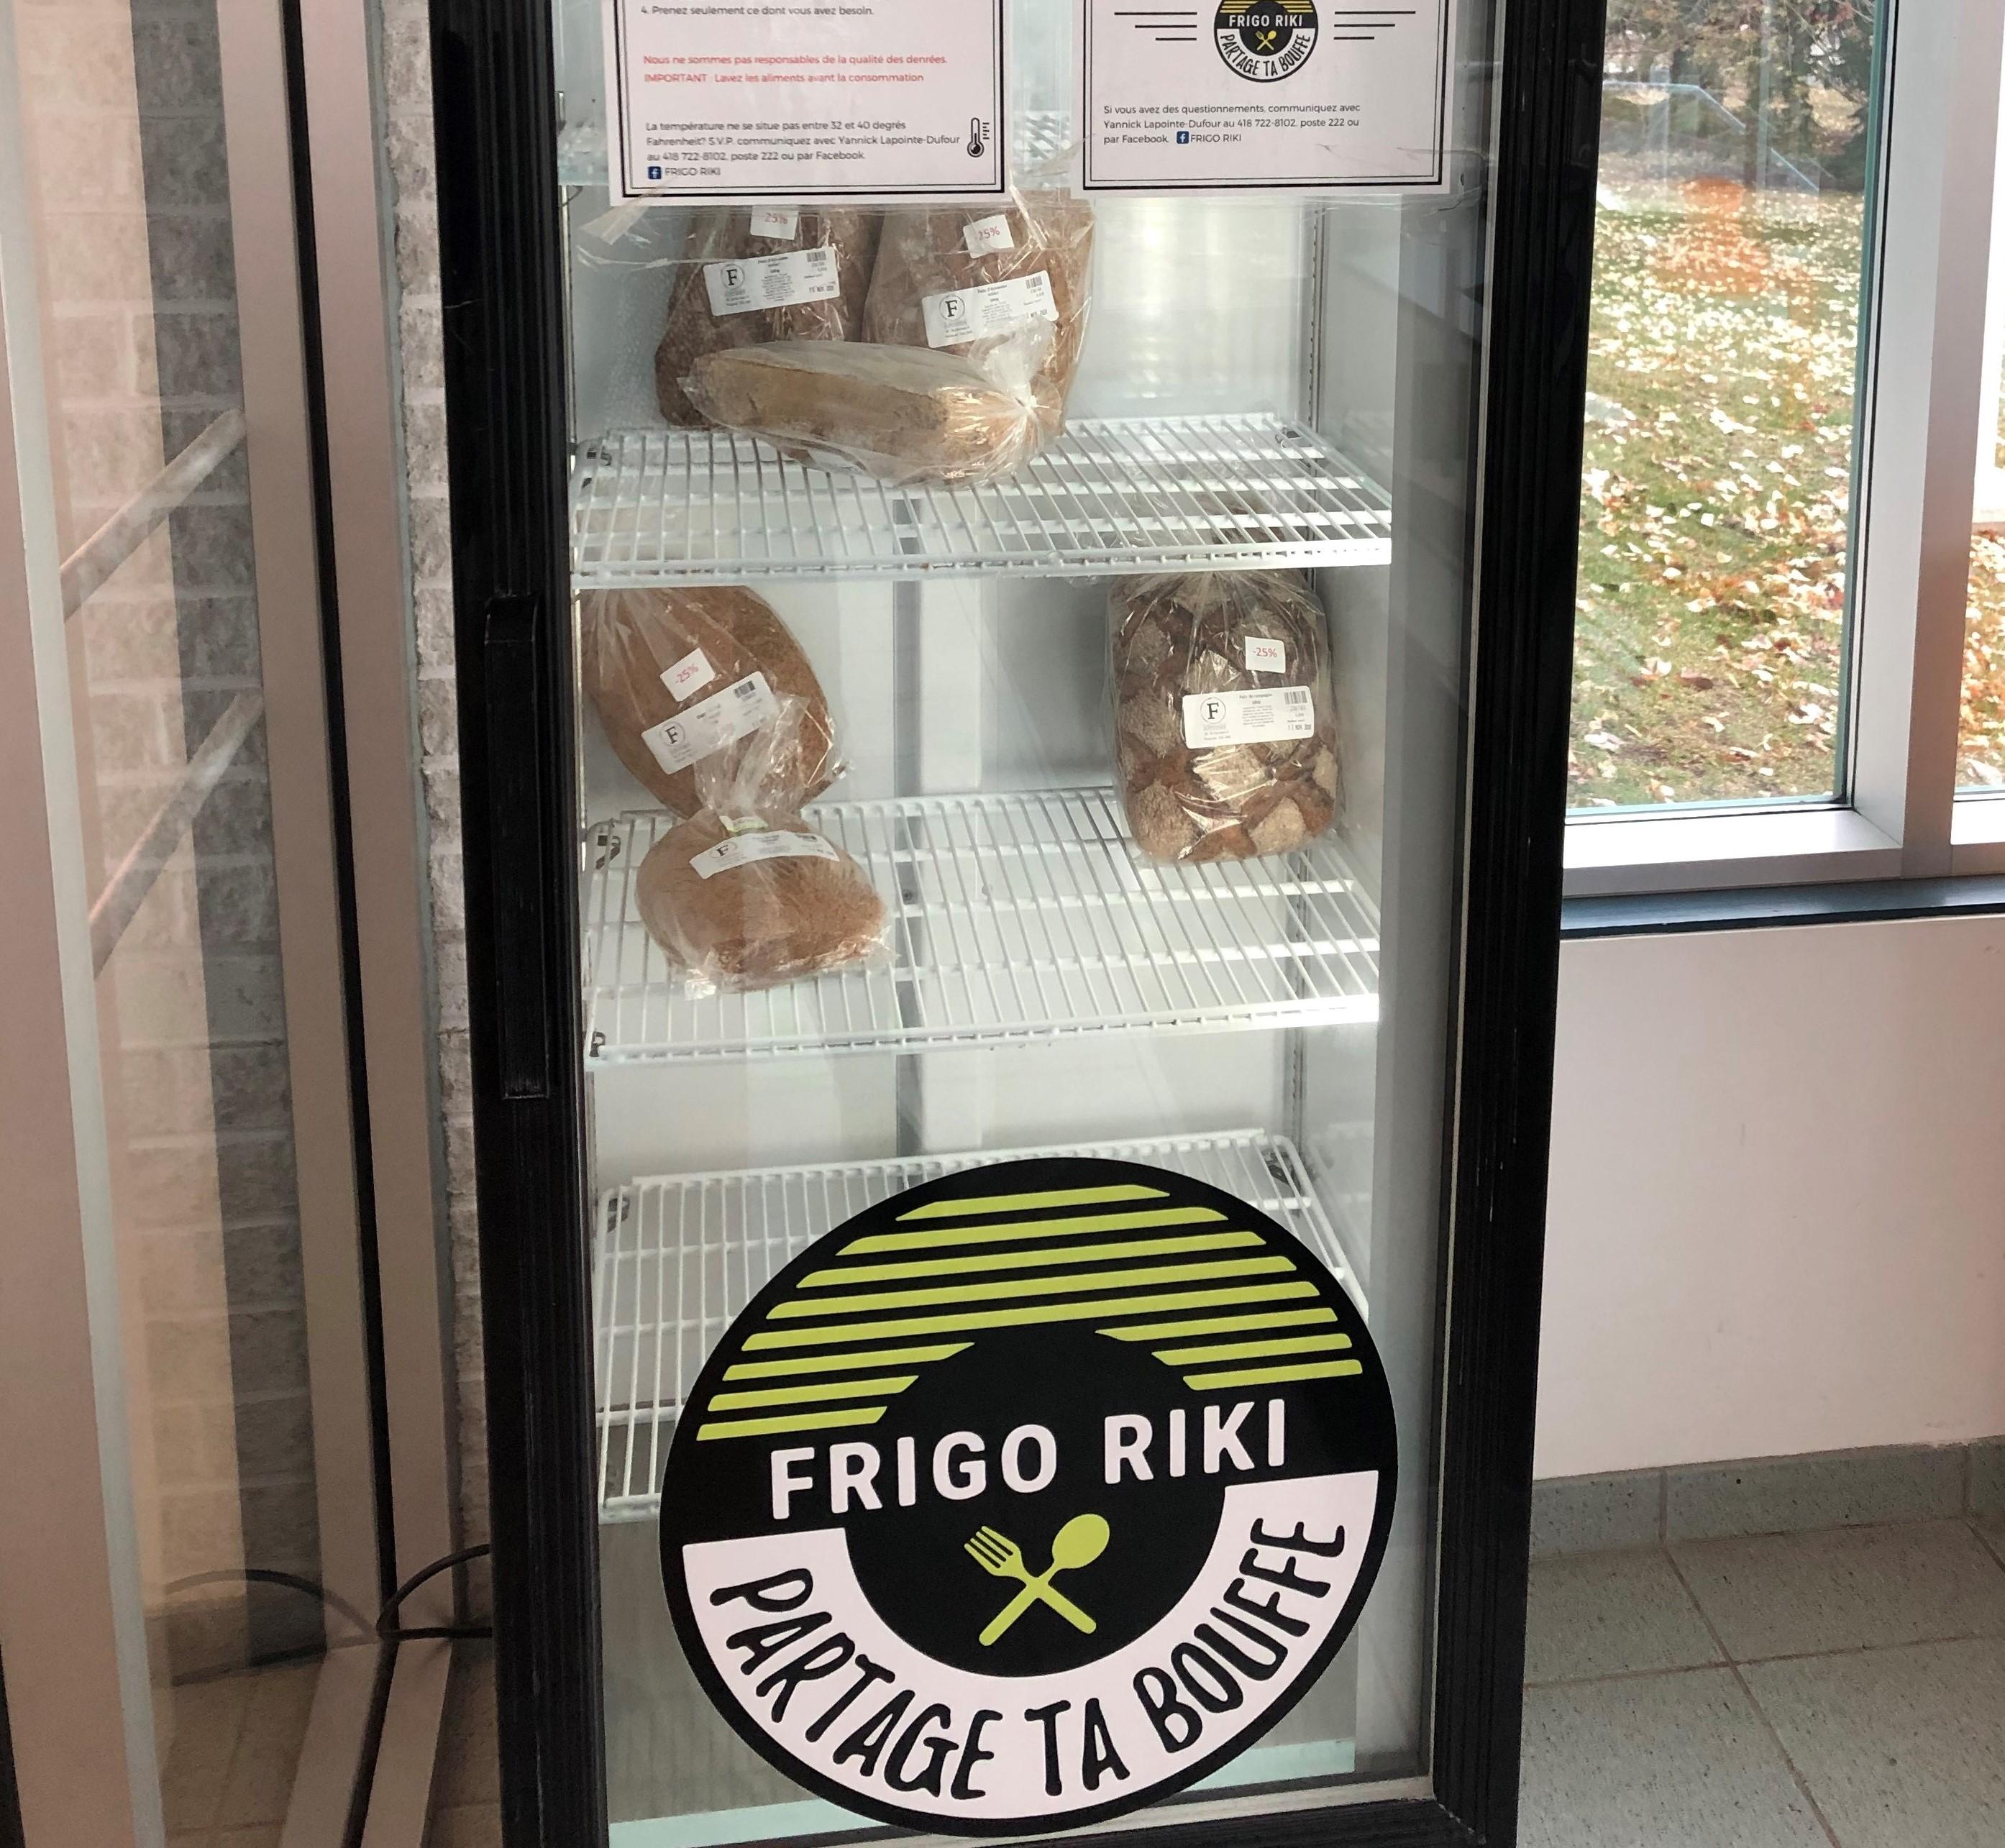 Frigo Riki vient d'être déménagé dans l'entrée de la bibliothèque Lisette-Morin pour la période hivernale.